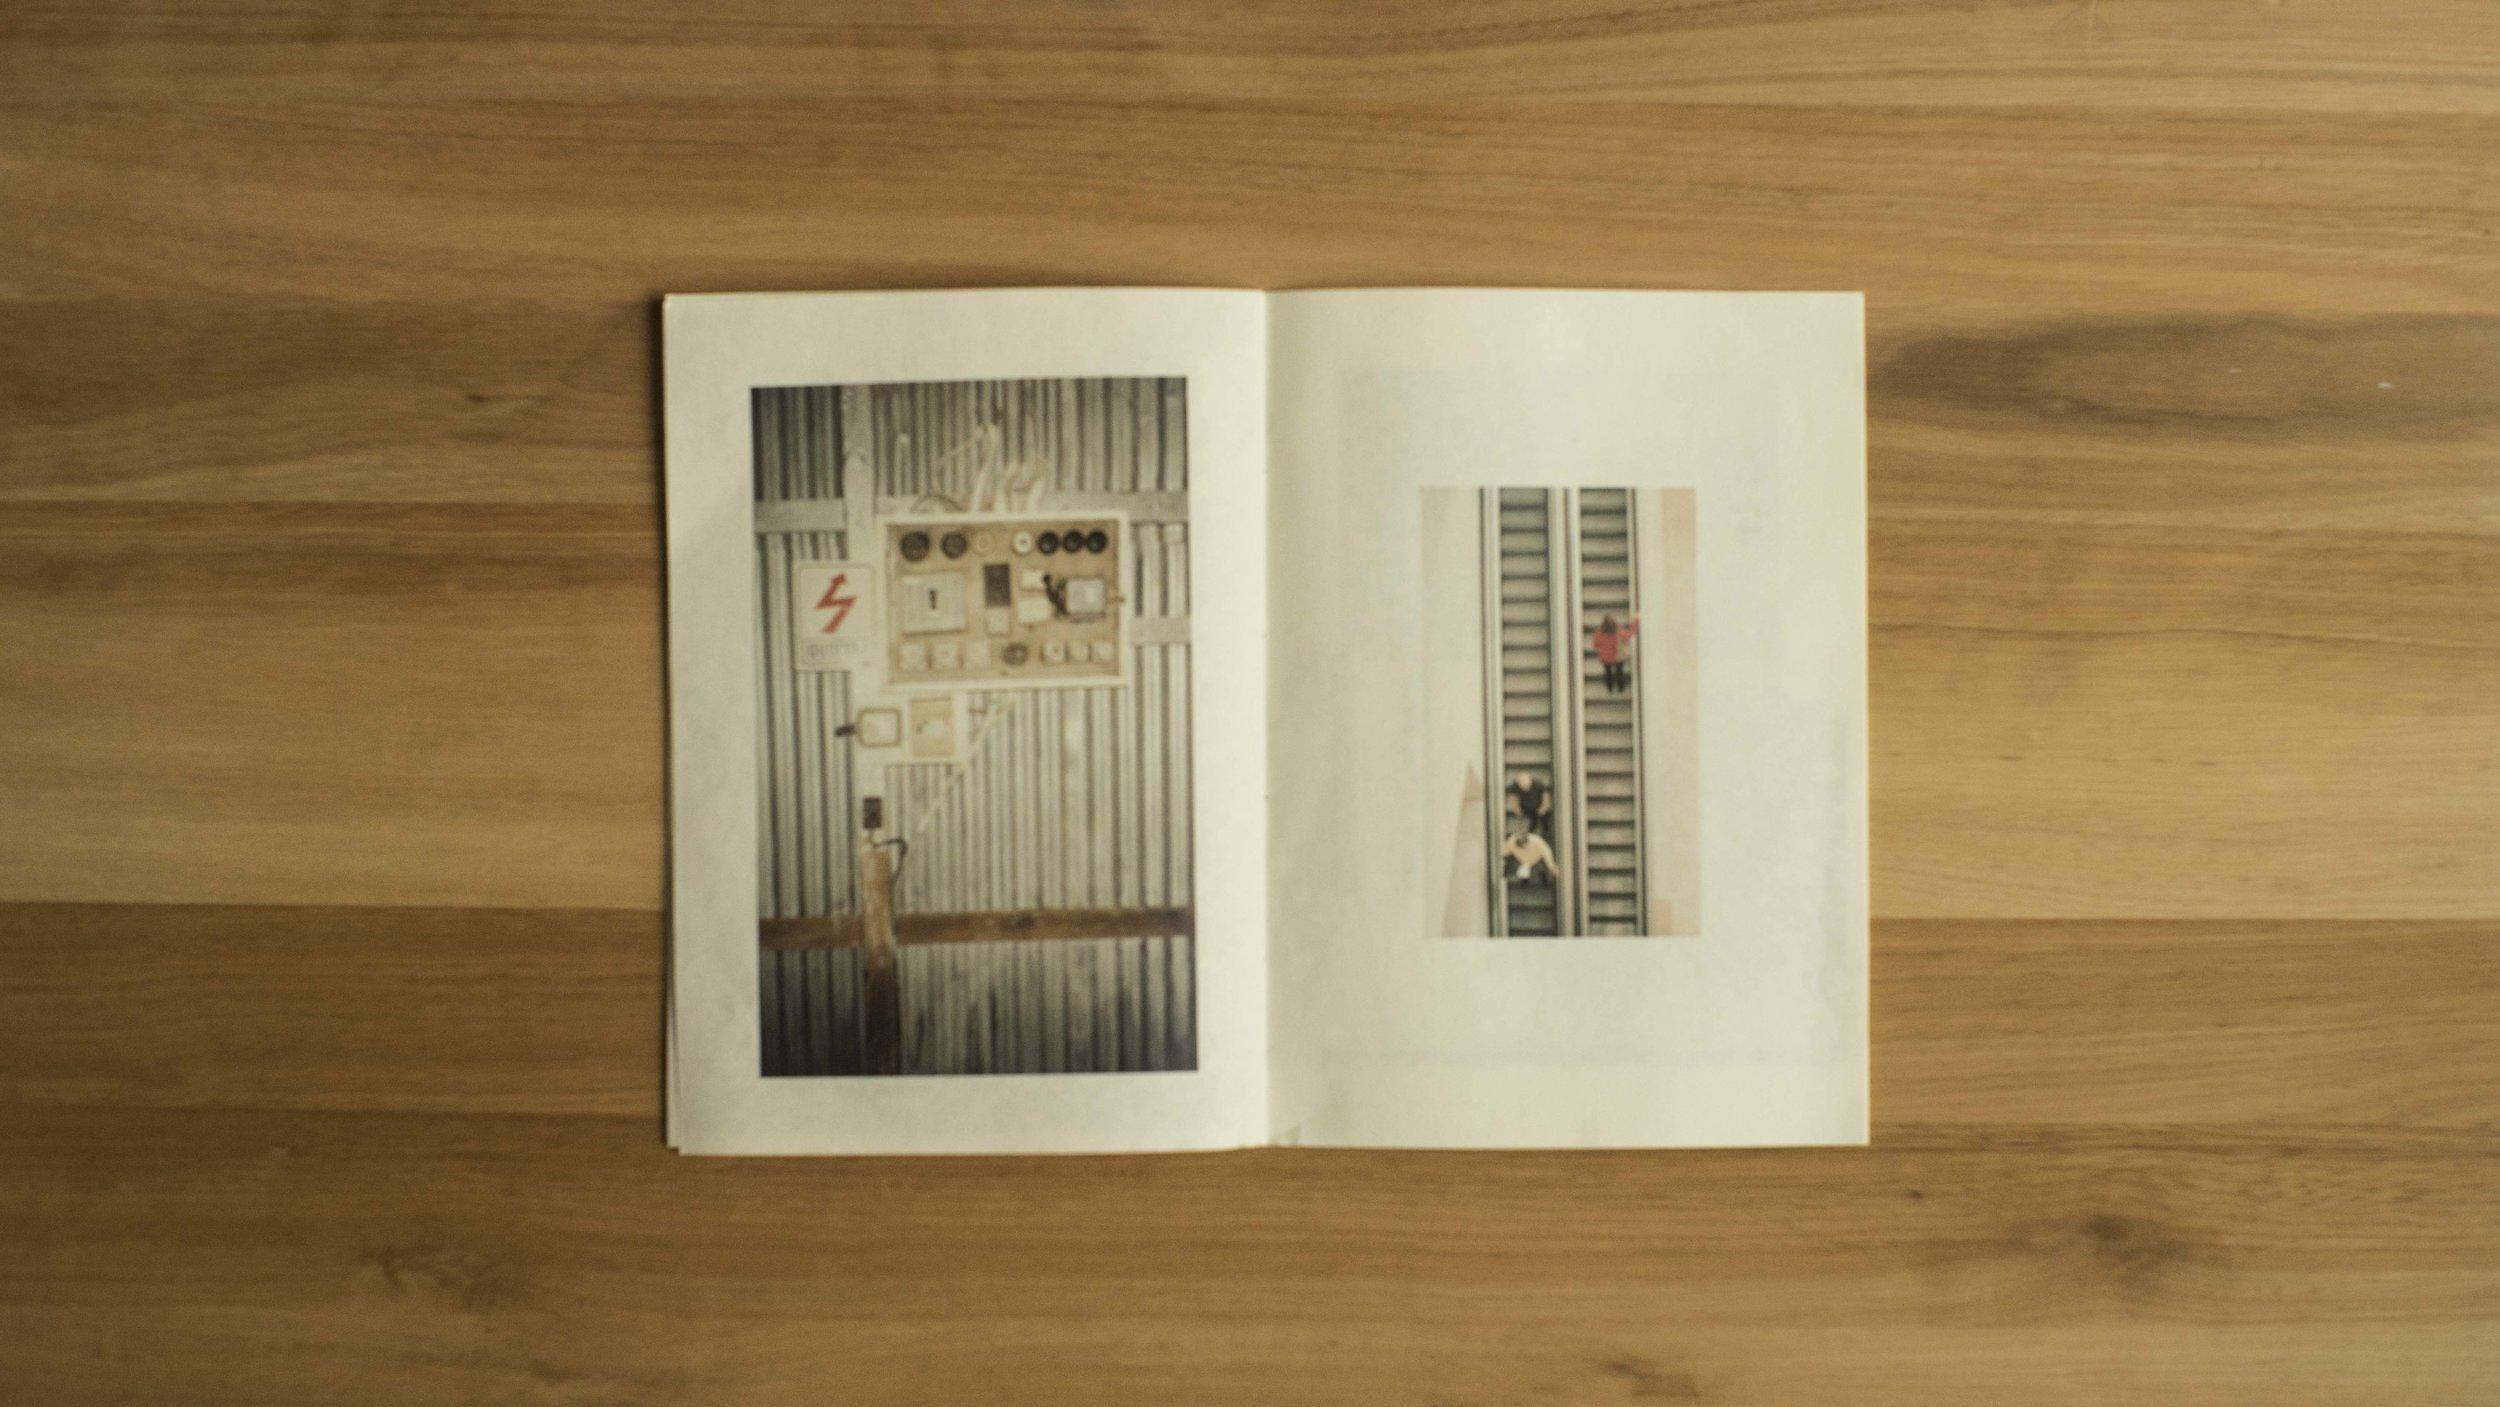 Fanzine - Ignacio LevalleDSC04251.JPG